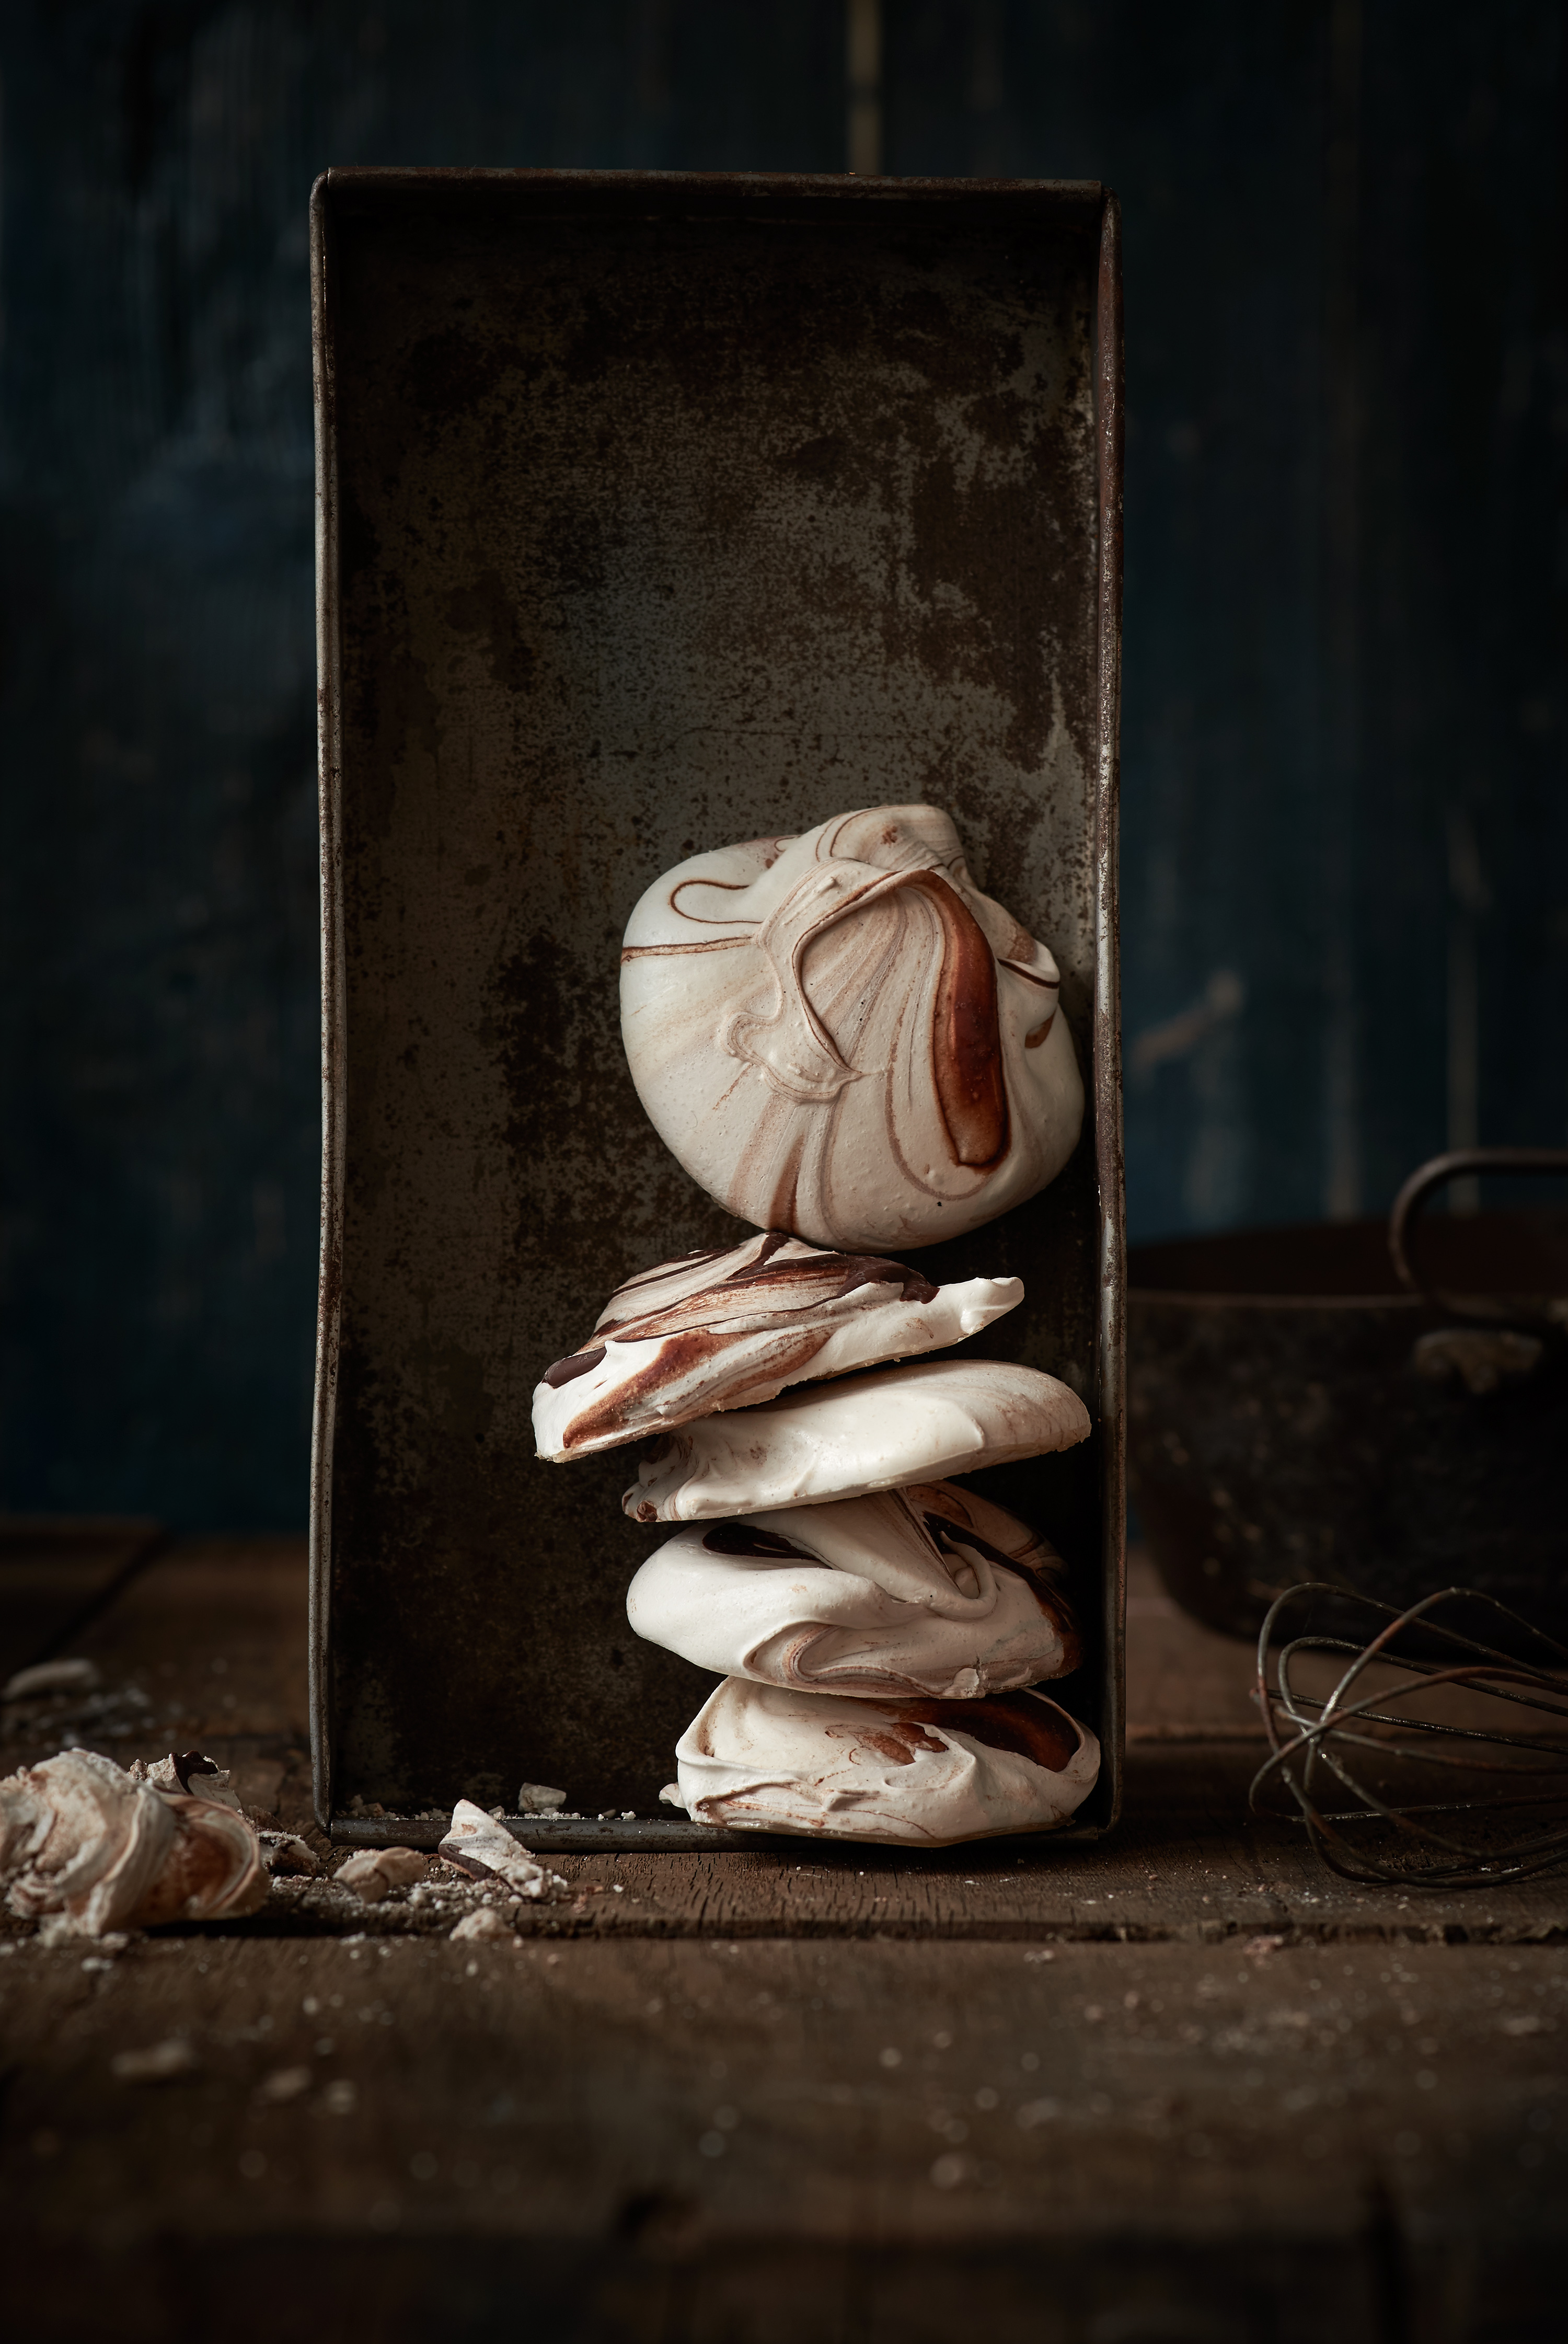 ein stapel schokoladen baiser liegt in einer alten blechdose, daneben liegt ein alter rührbesen, als Untergrund sieht man einen alten Holztisch, der Hintergrund ist blau verblasst